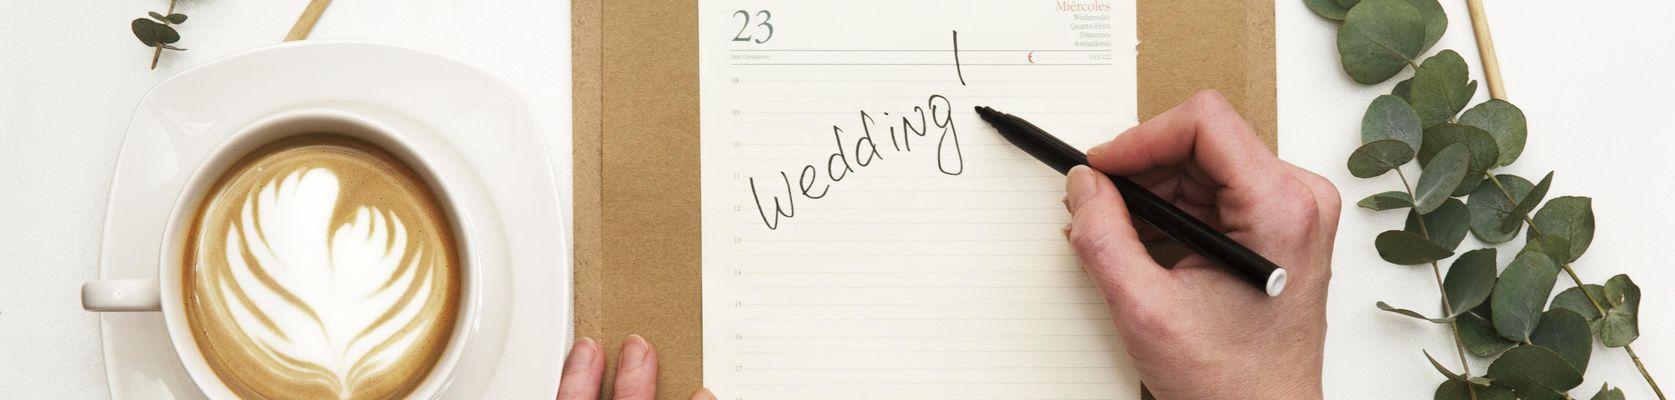 Planung für die Hochzeit, Hochzeitsplanung, Tipps für die Hochzeit, Hochzeittips, Hochzeitstips, Hochzeitstipps